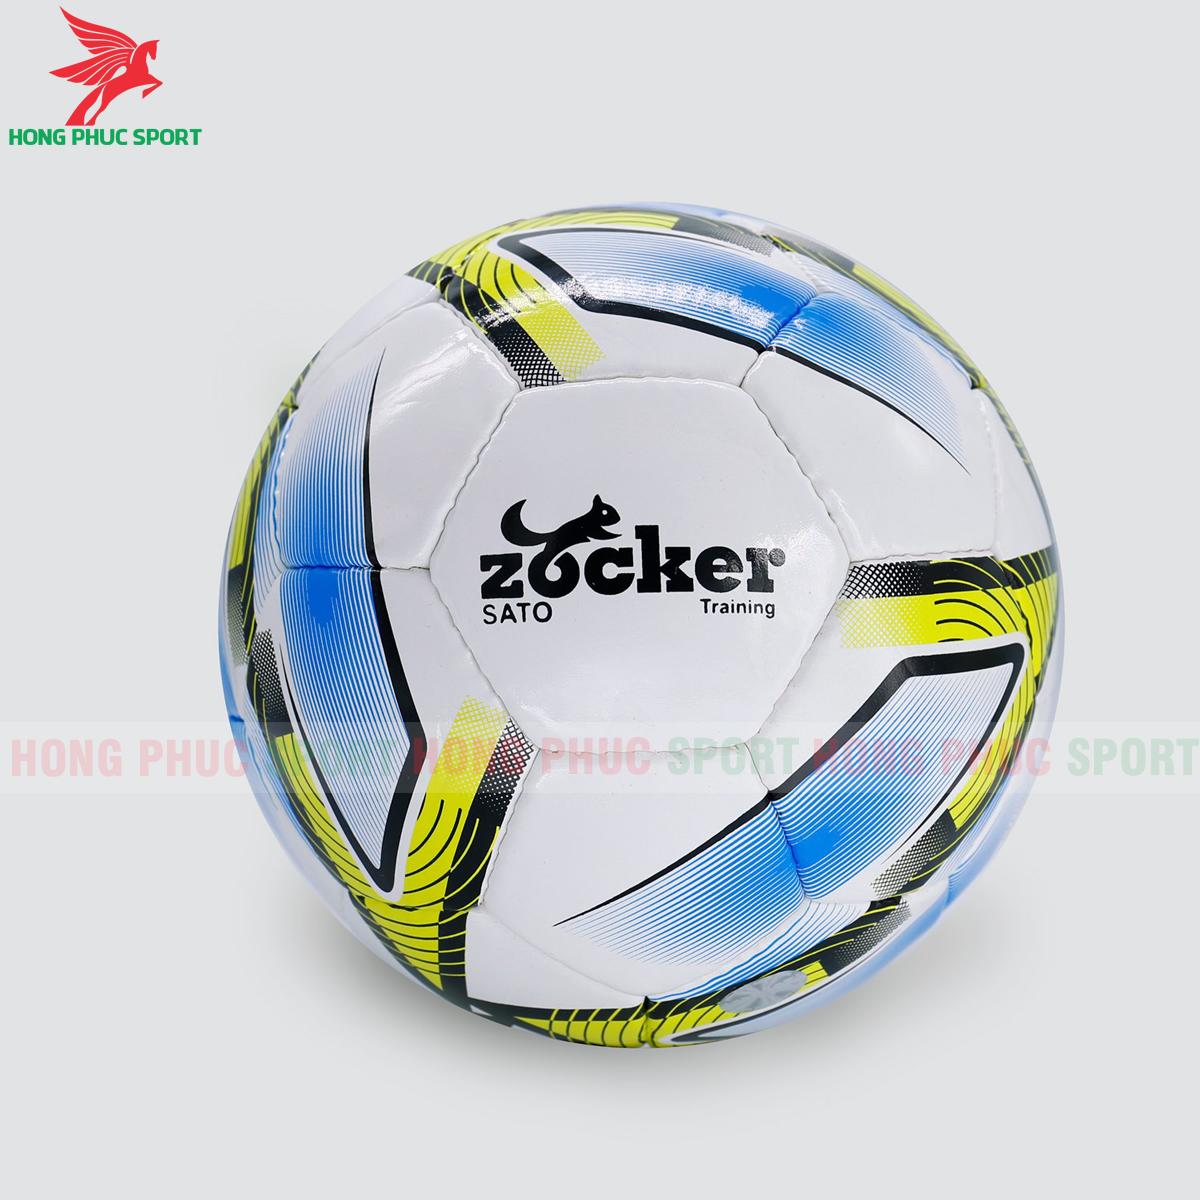 Quả bóng đá Zocker Sato S1901 mẫu 3màu vàng